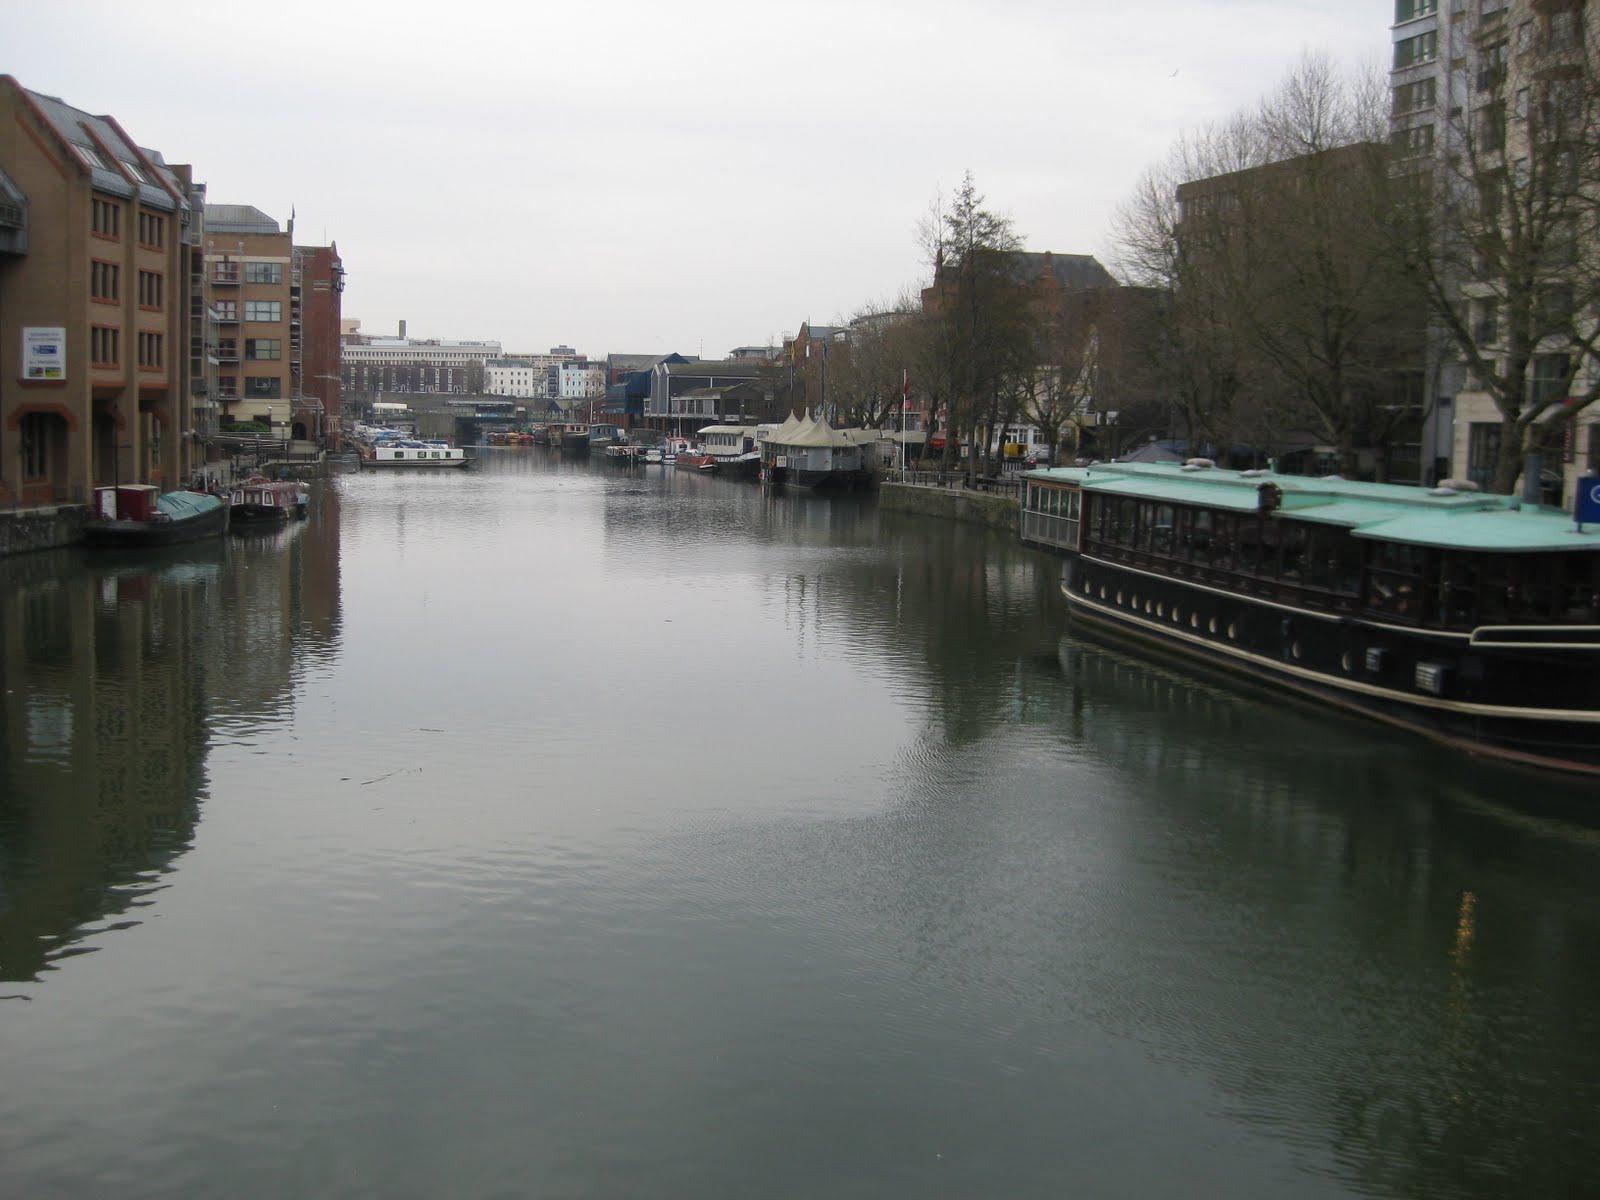 Waterways through Bristol